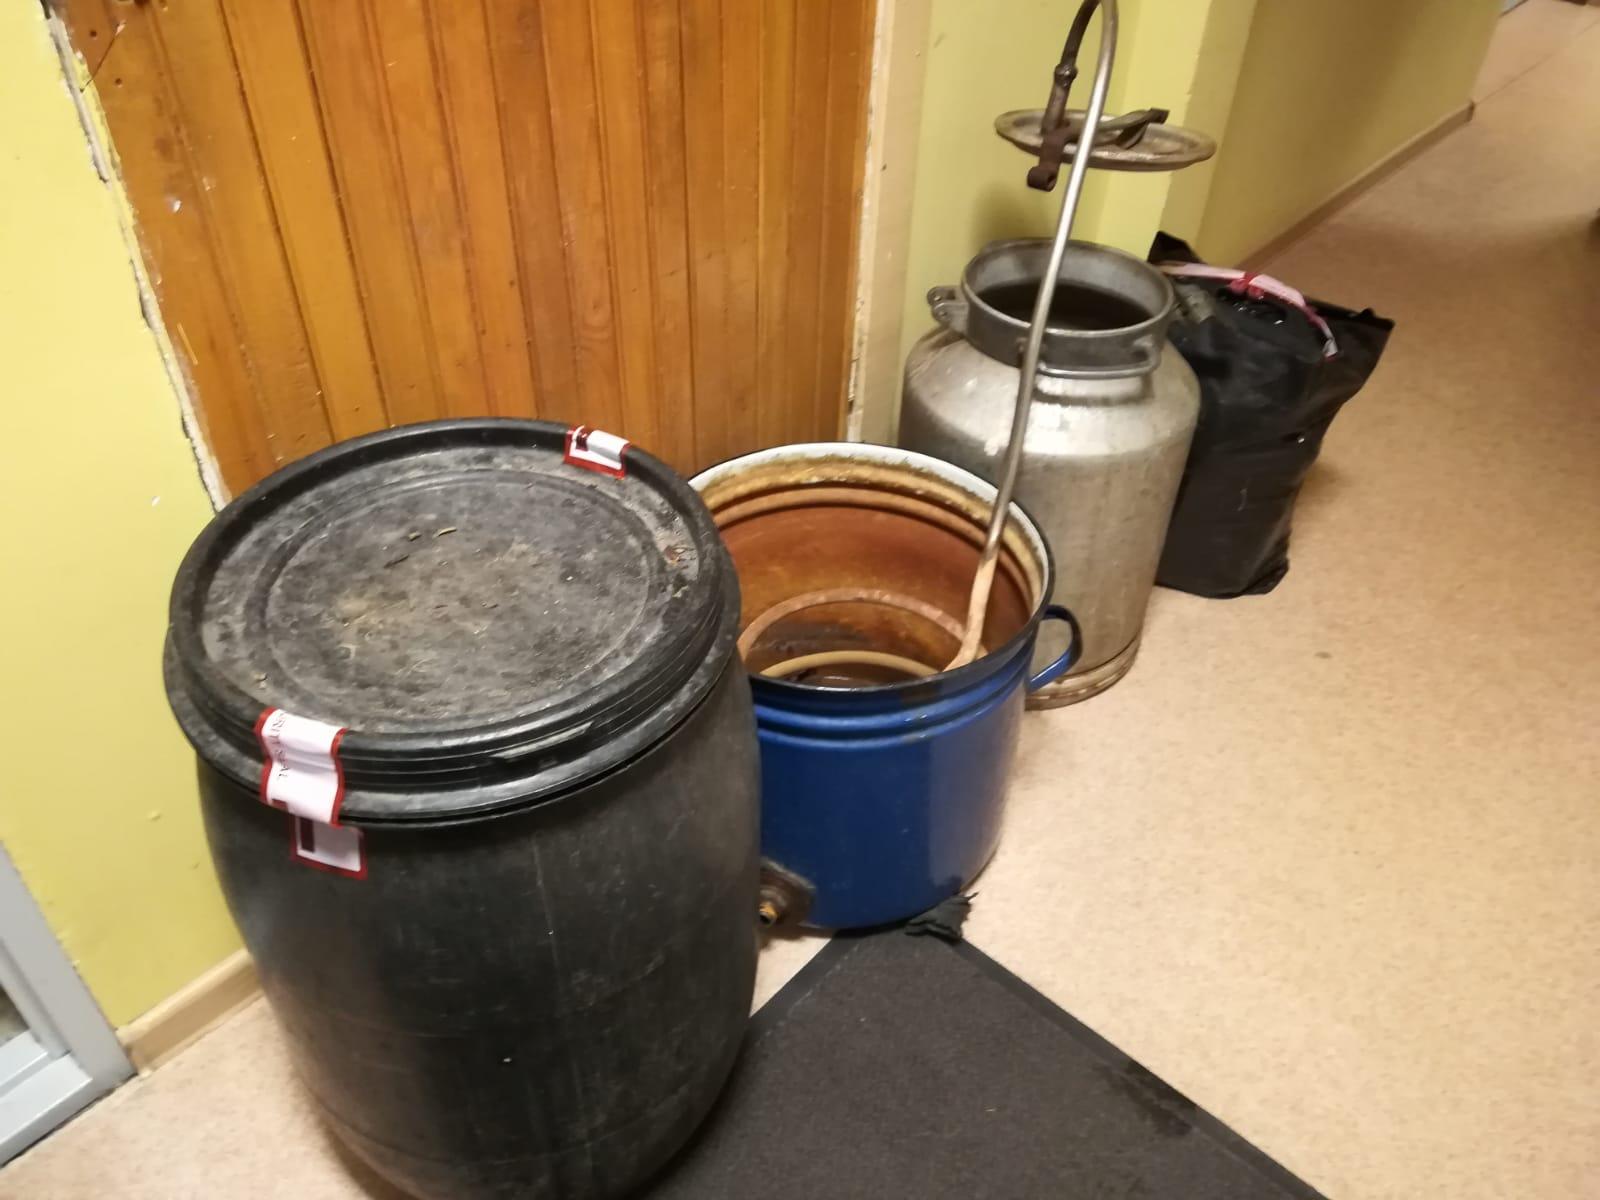 Государственная полиция в одной квартире в Гробиньской волости обнаружила нелегальный алкоголь и оборудование для его производства